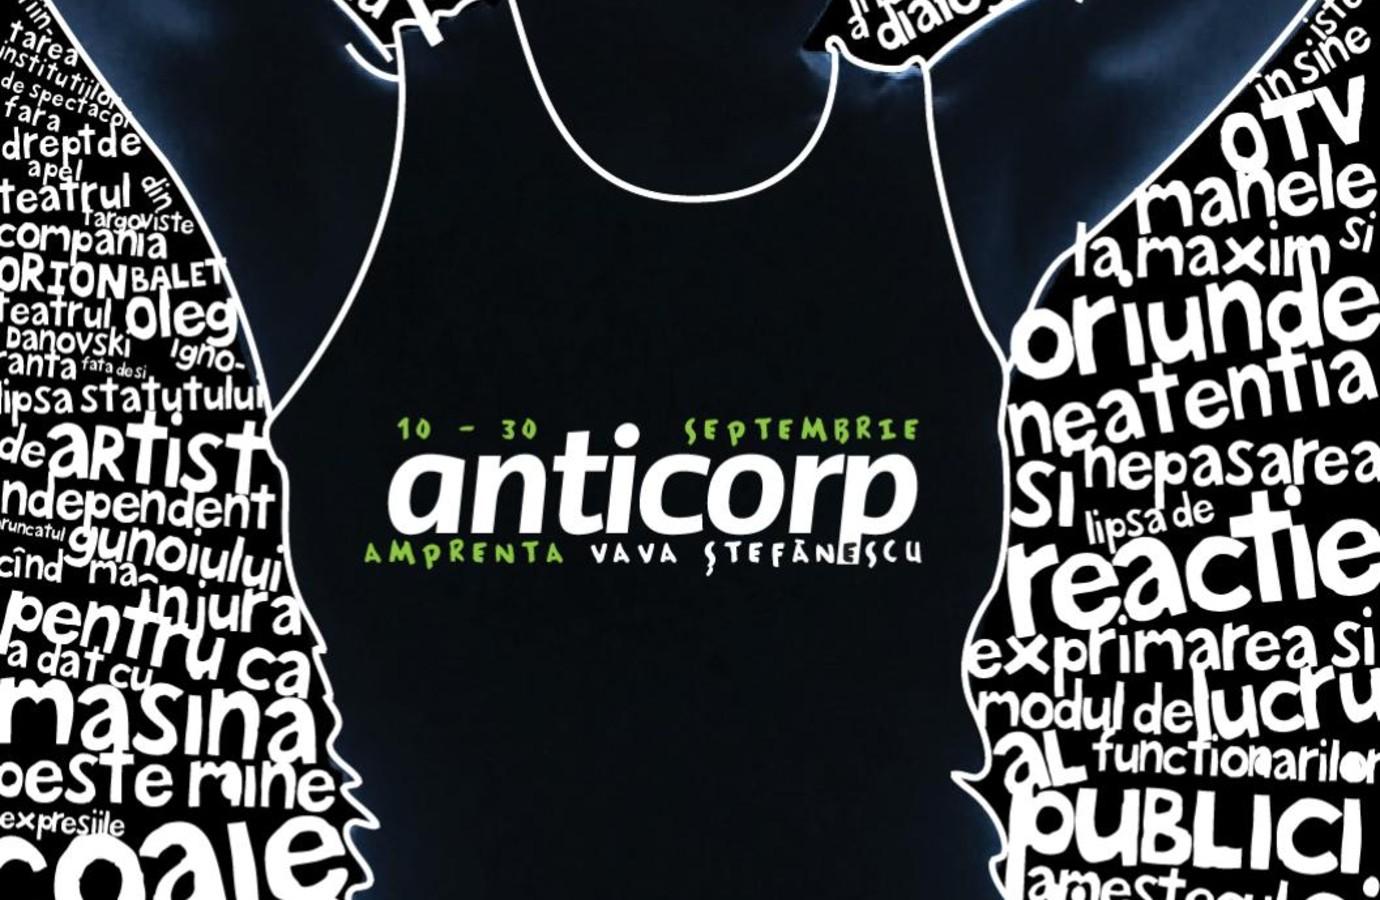 Anticorp - Amprenta Vava Ștefănescu